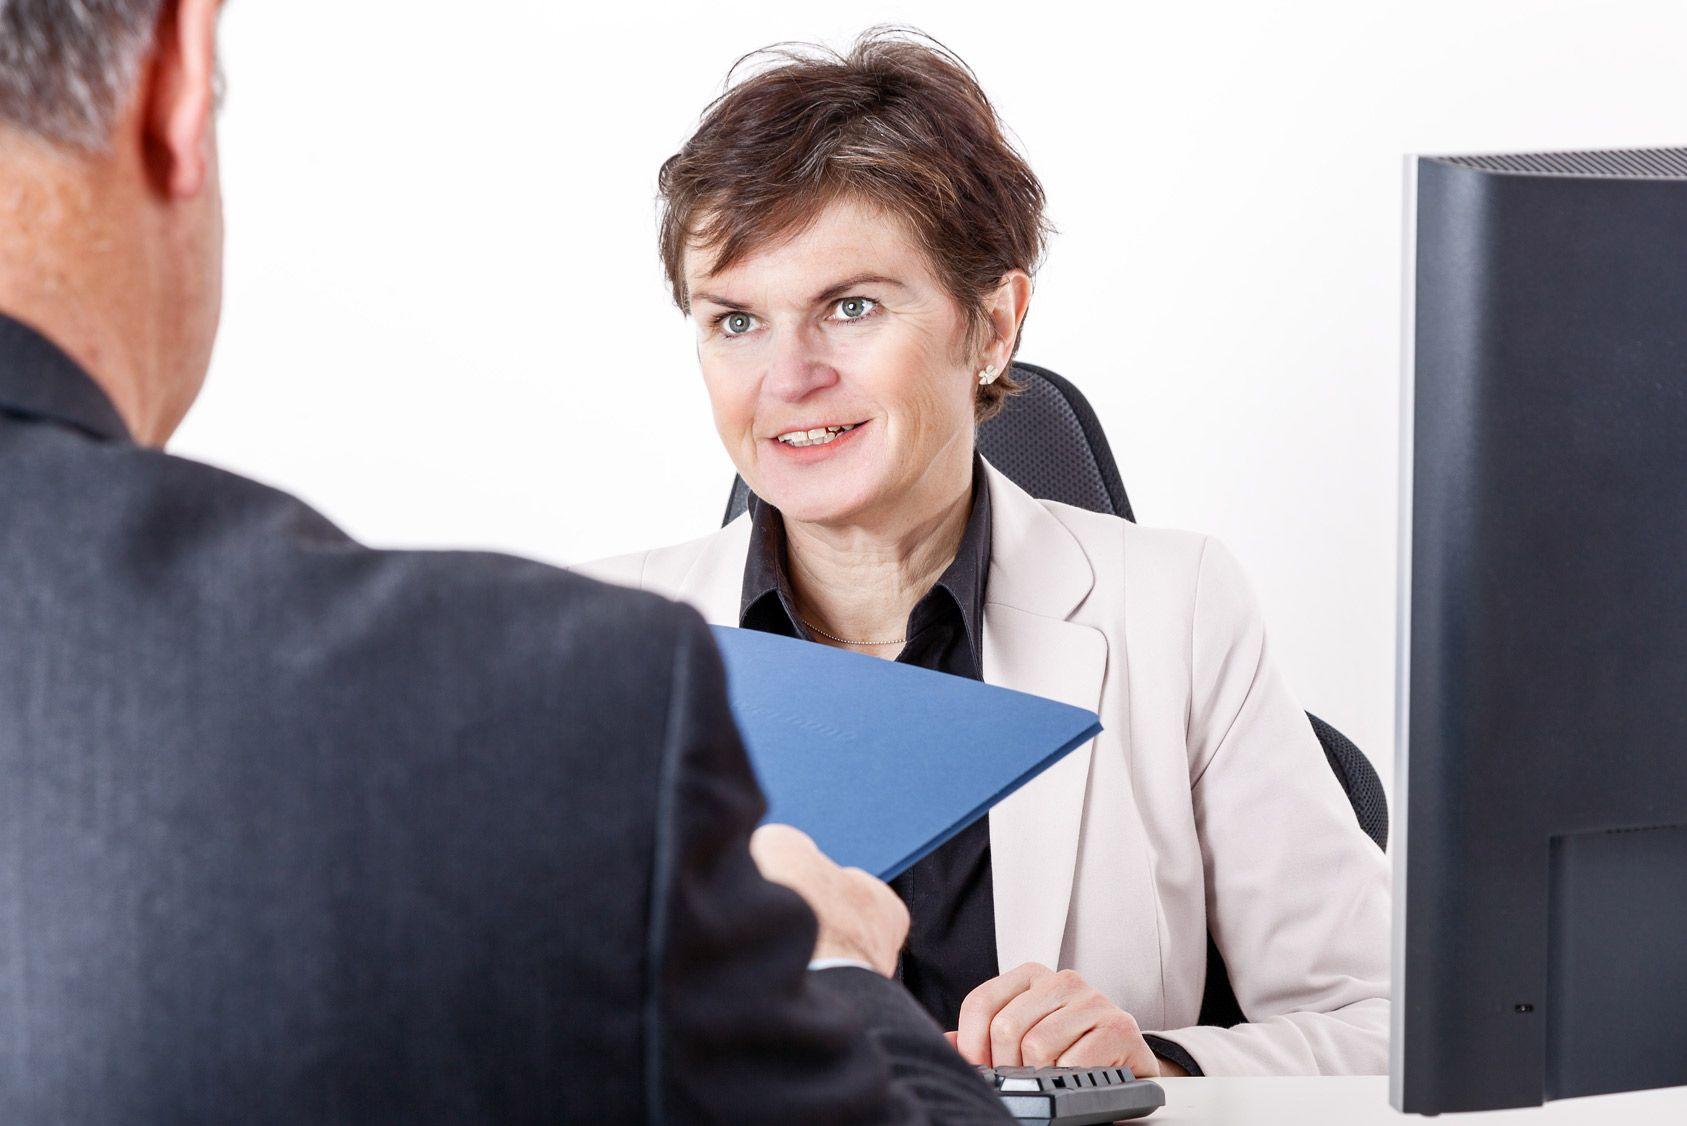 Chômage: les nouvelles règles d'indemnisation